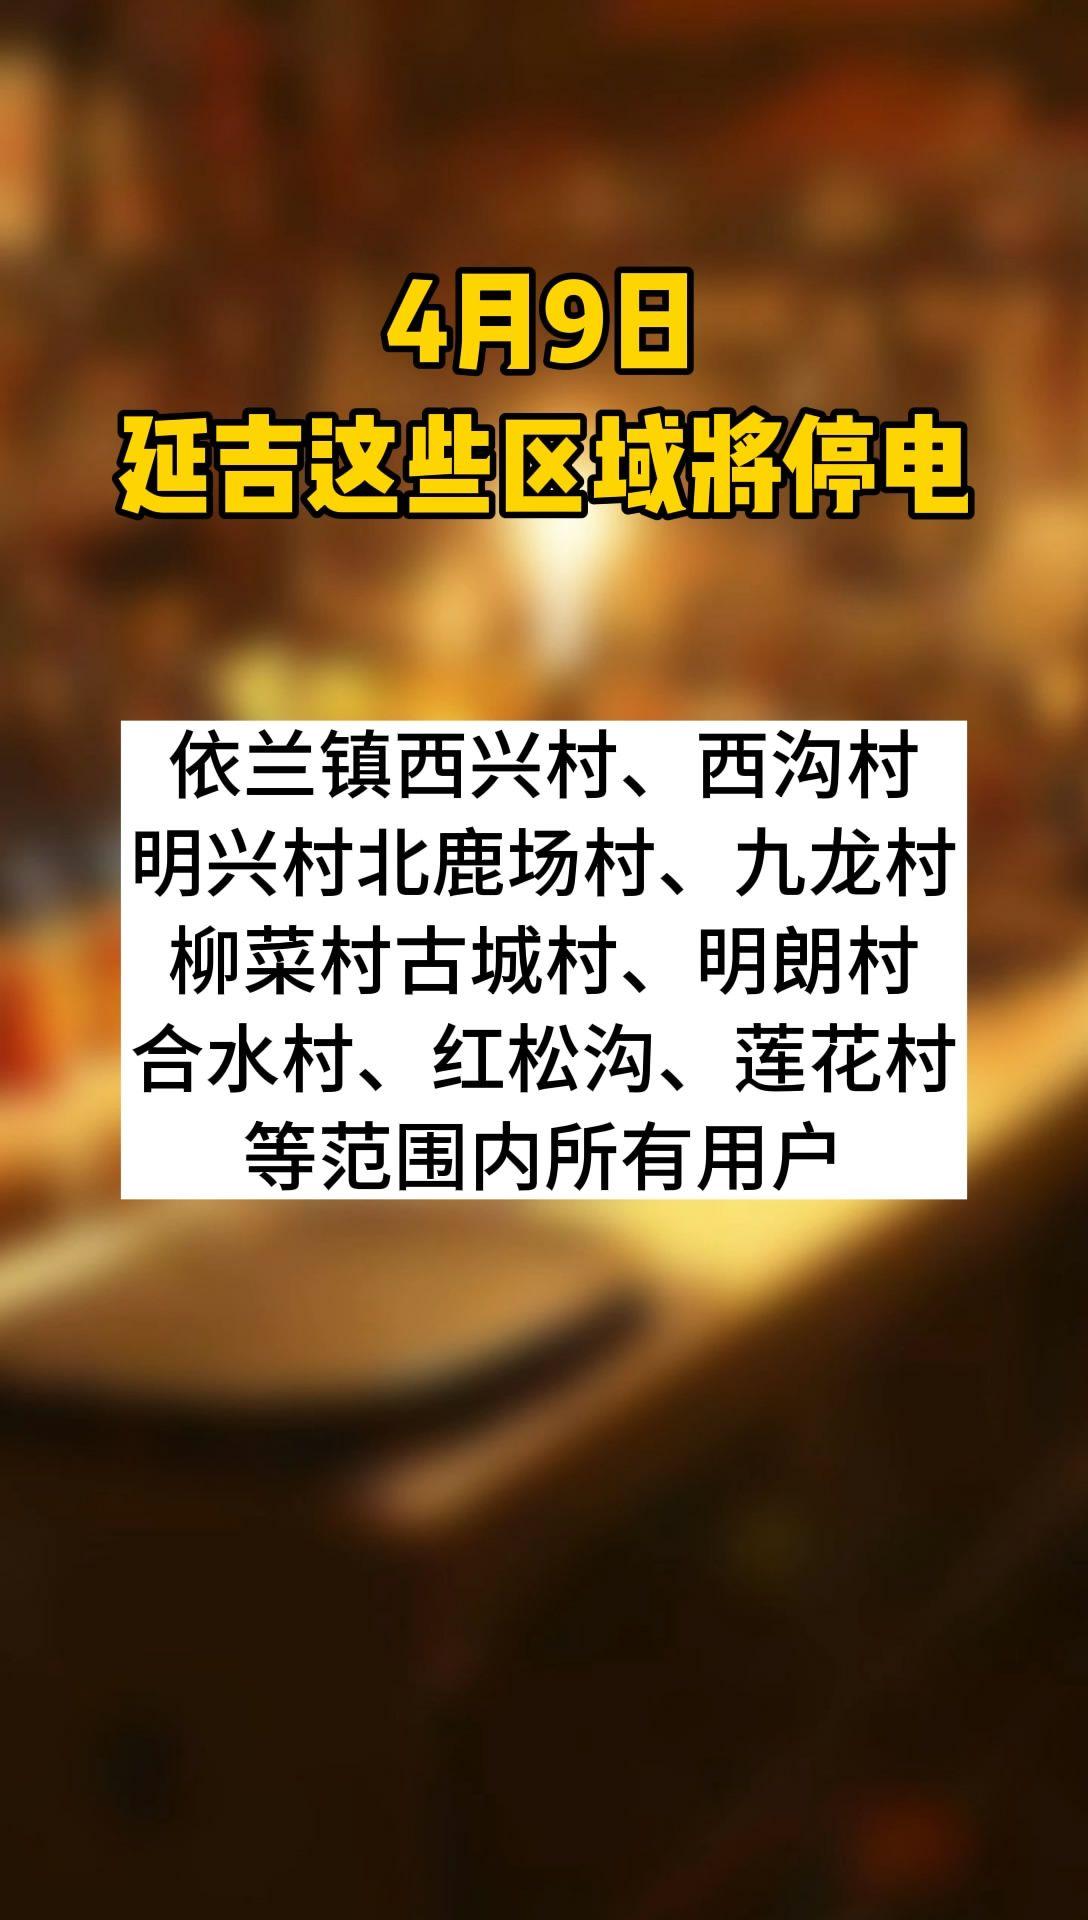 【微视频】4月9日 延吉这些区域将停电